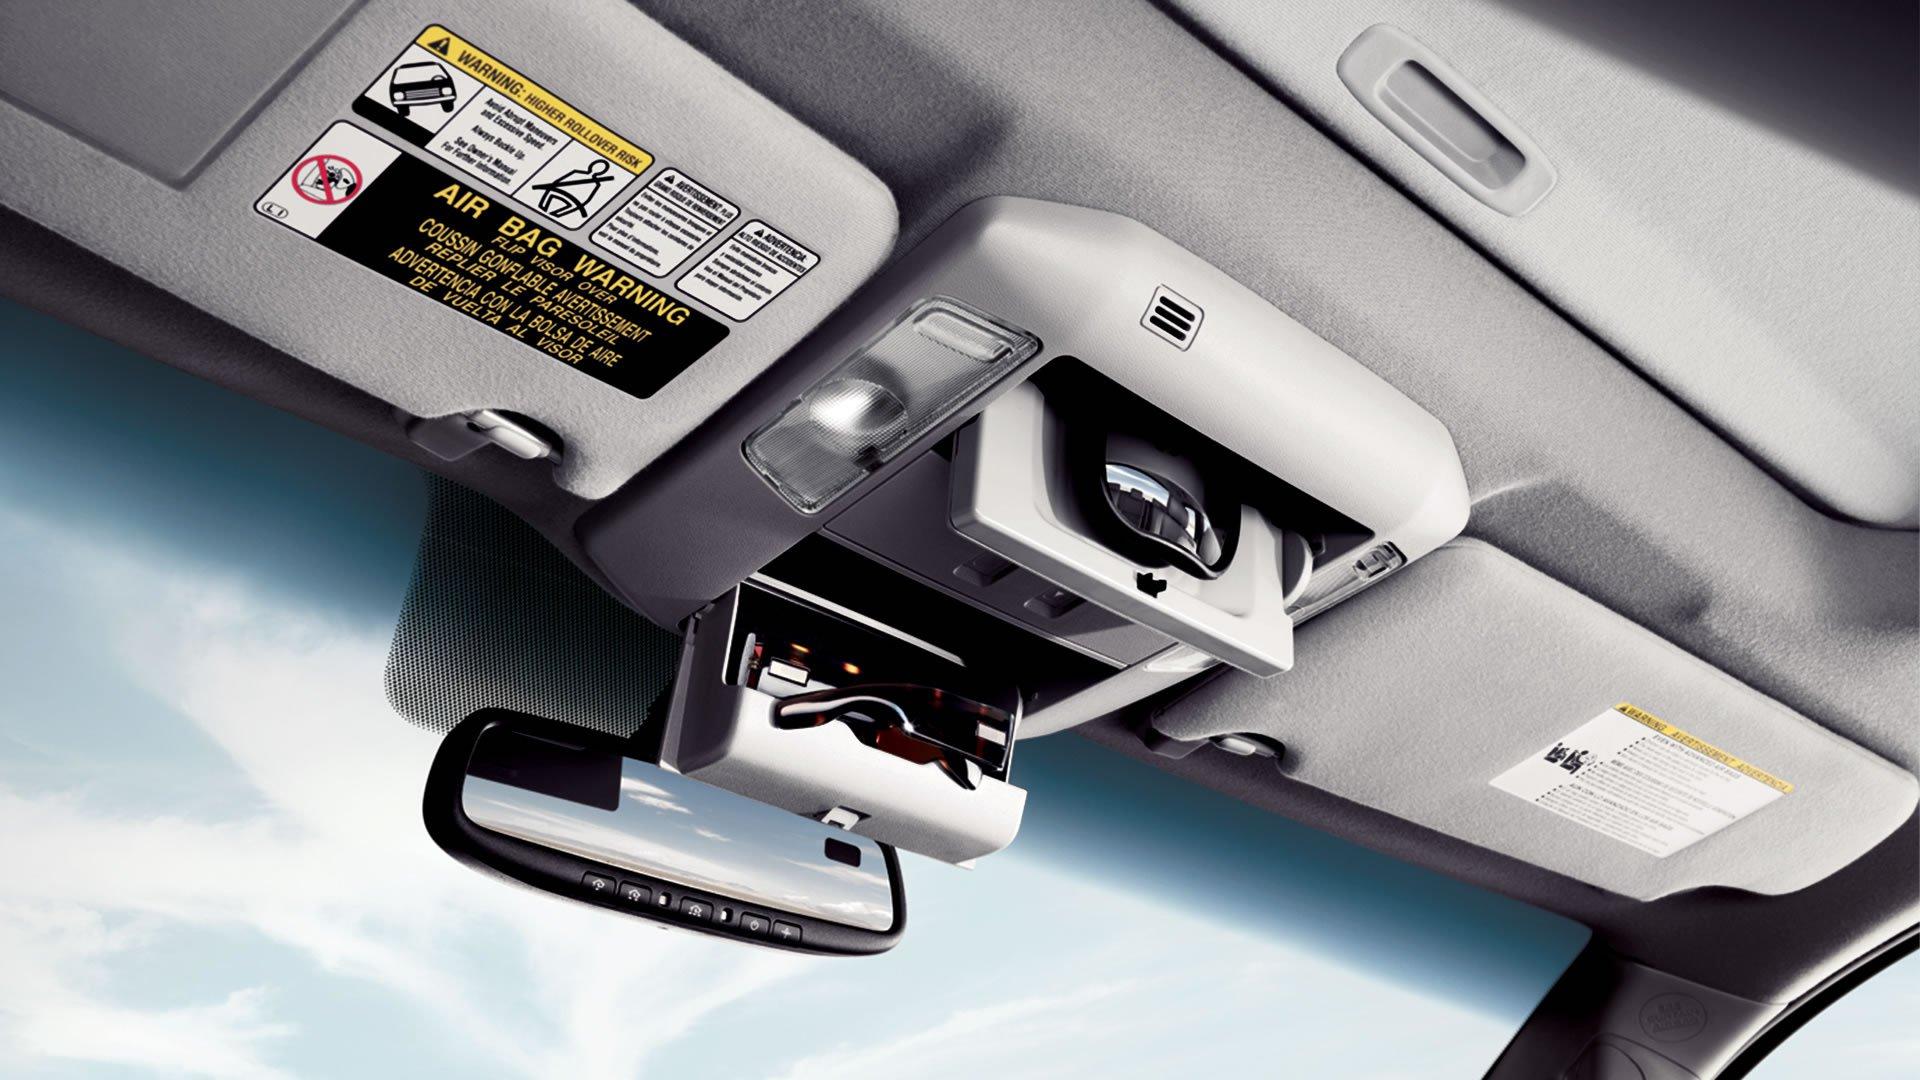 1401125736 11 - Тест-драйв Toyota Sequoia (2014)